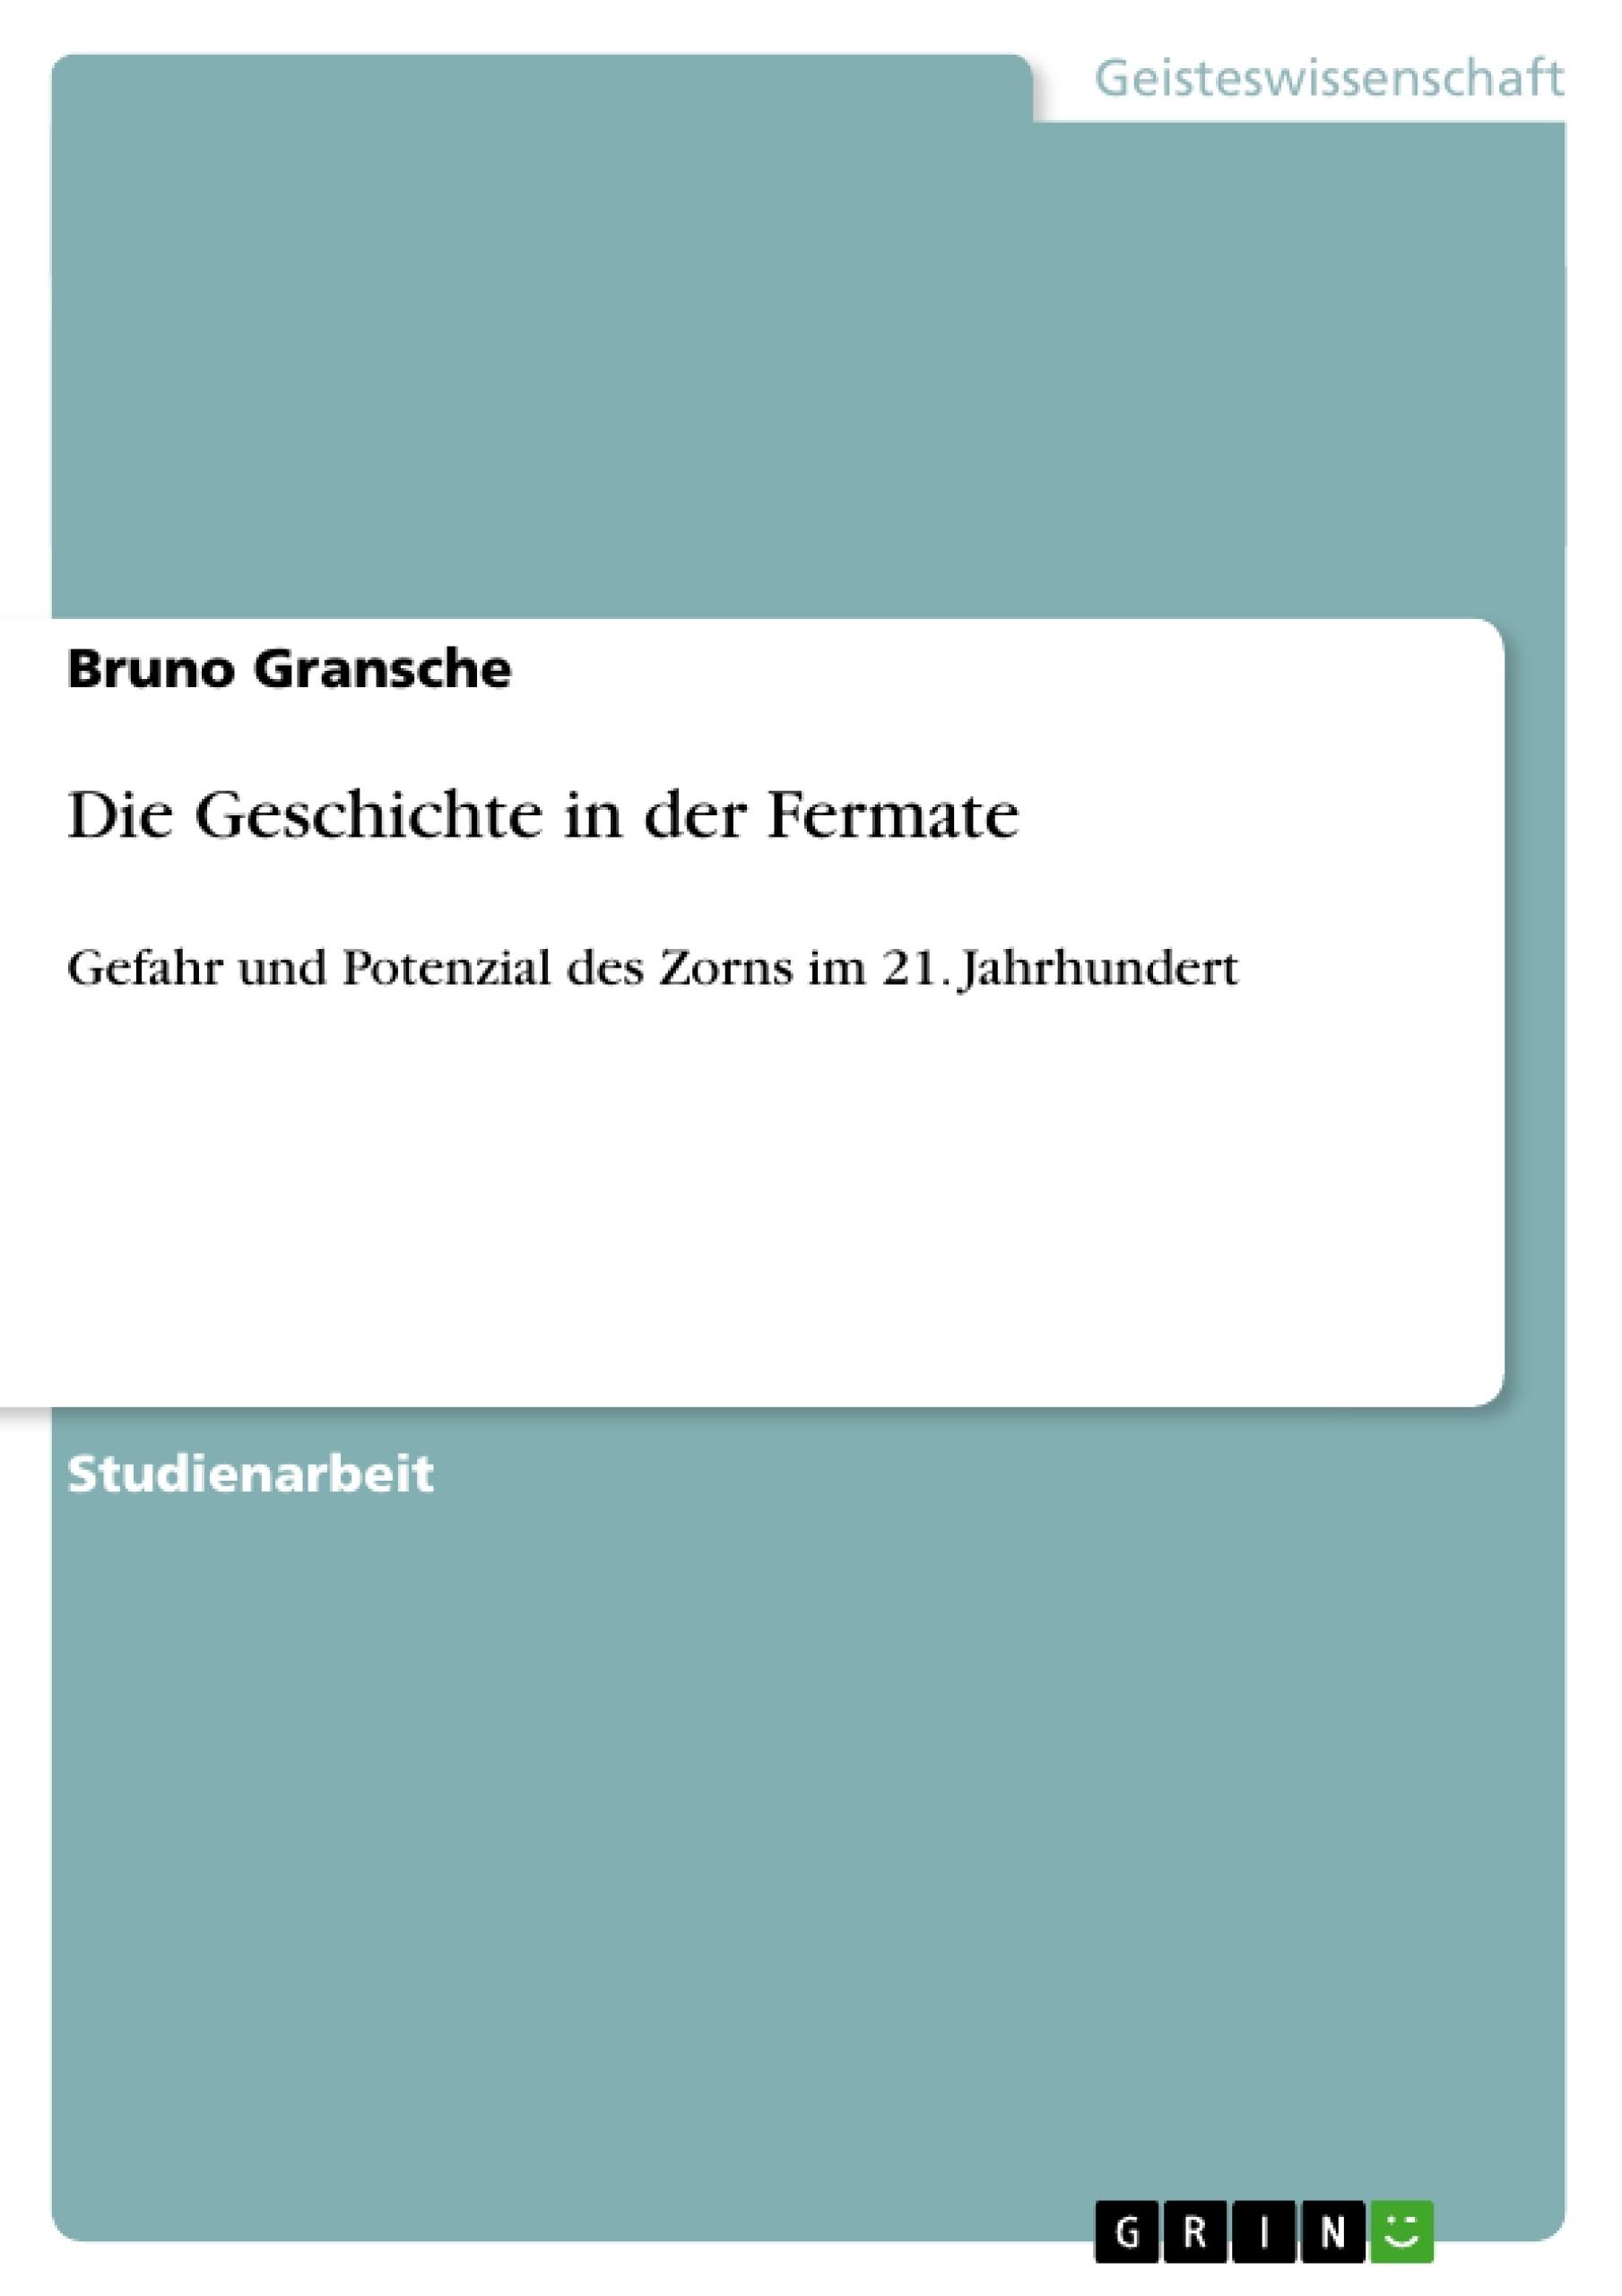 Titel: Die Geschichte in der Fermate